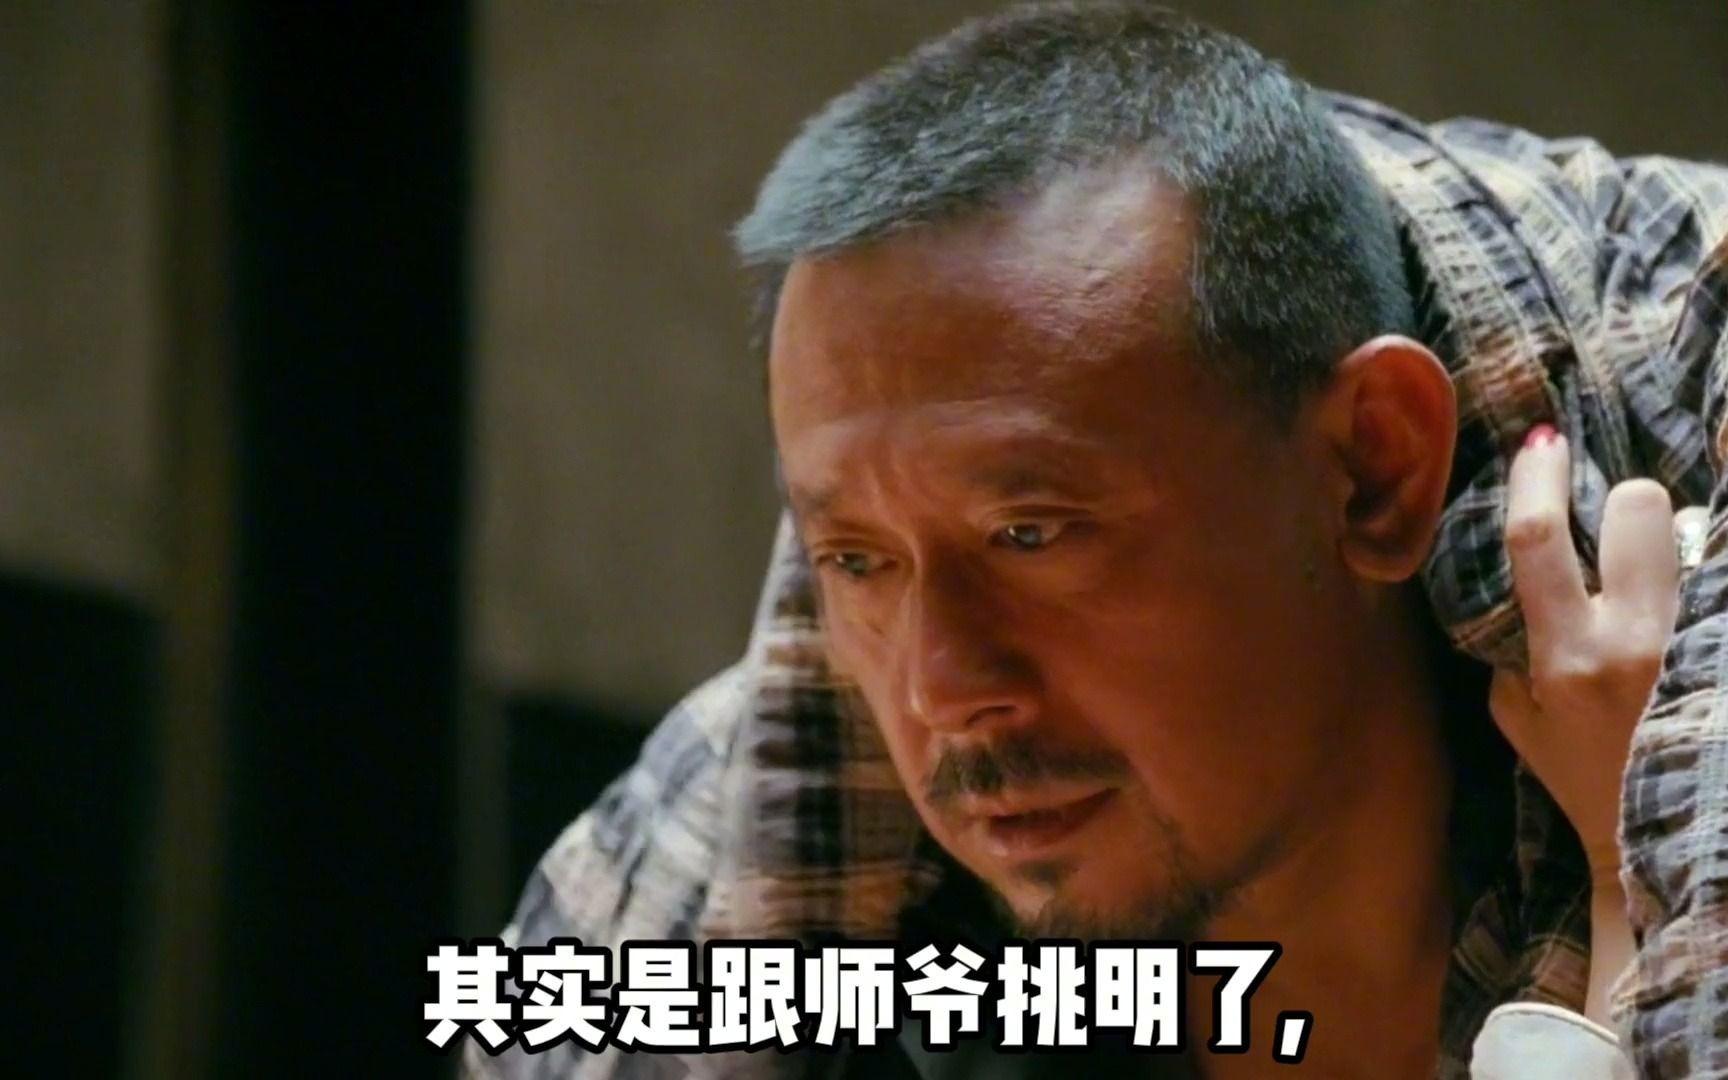 终极无敌姜文宇宙之最大谜团—真假夫人,又是替身《让子弹飞》2